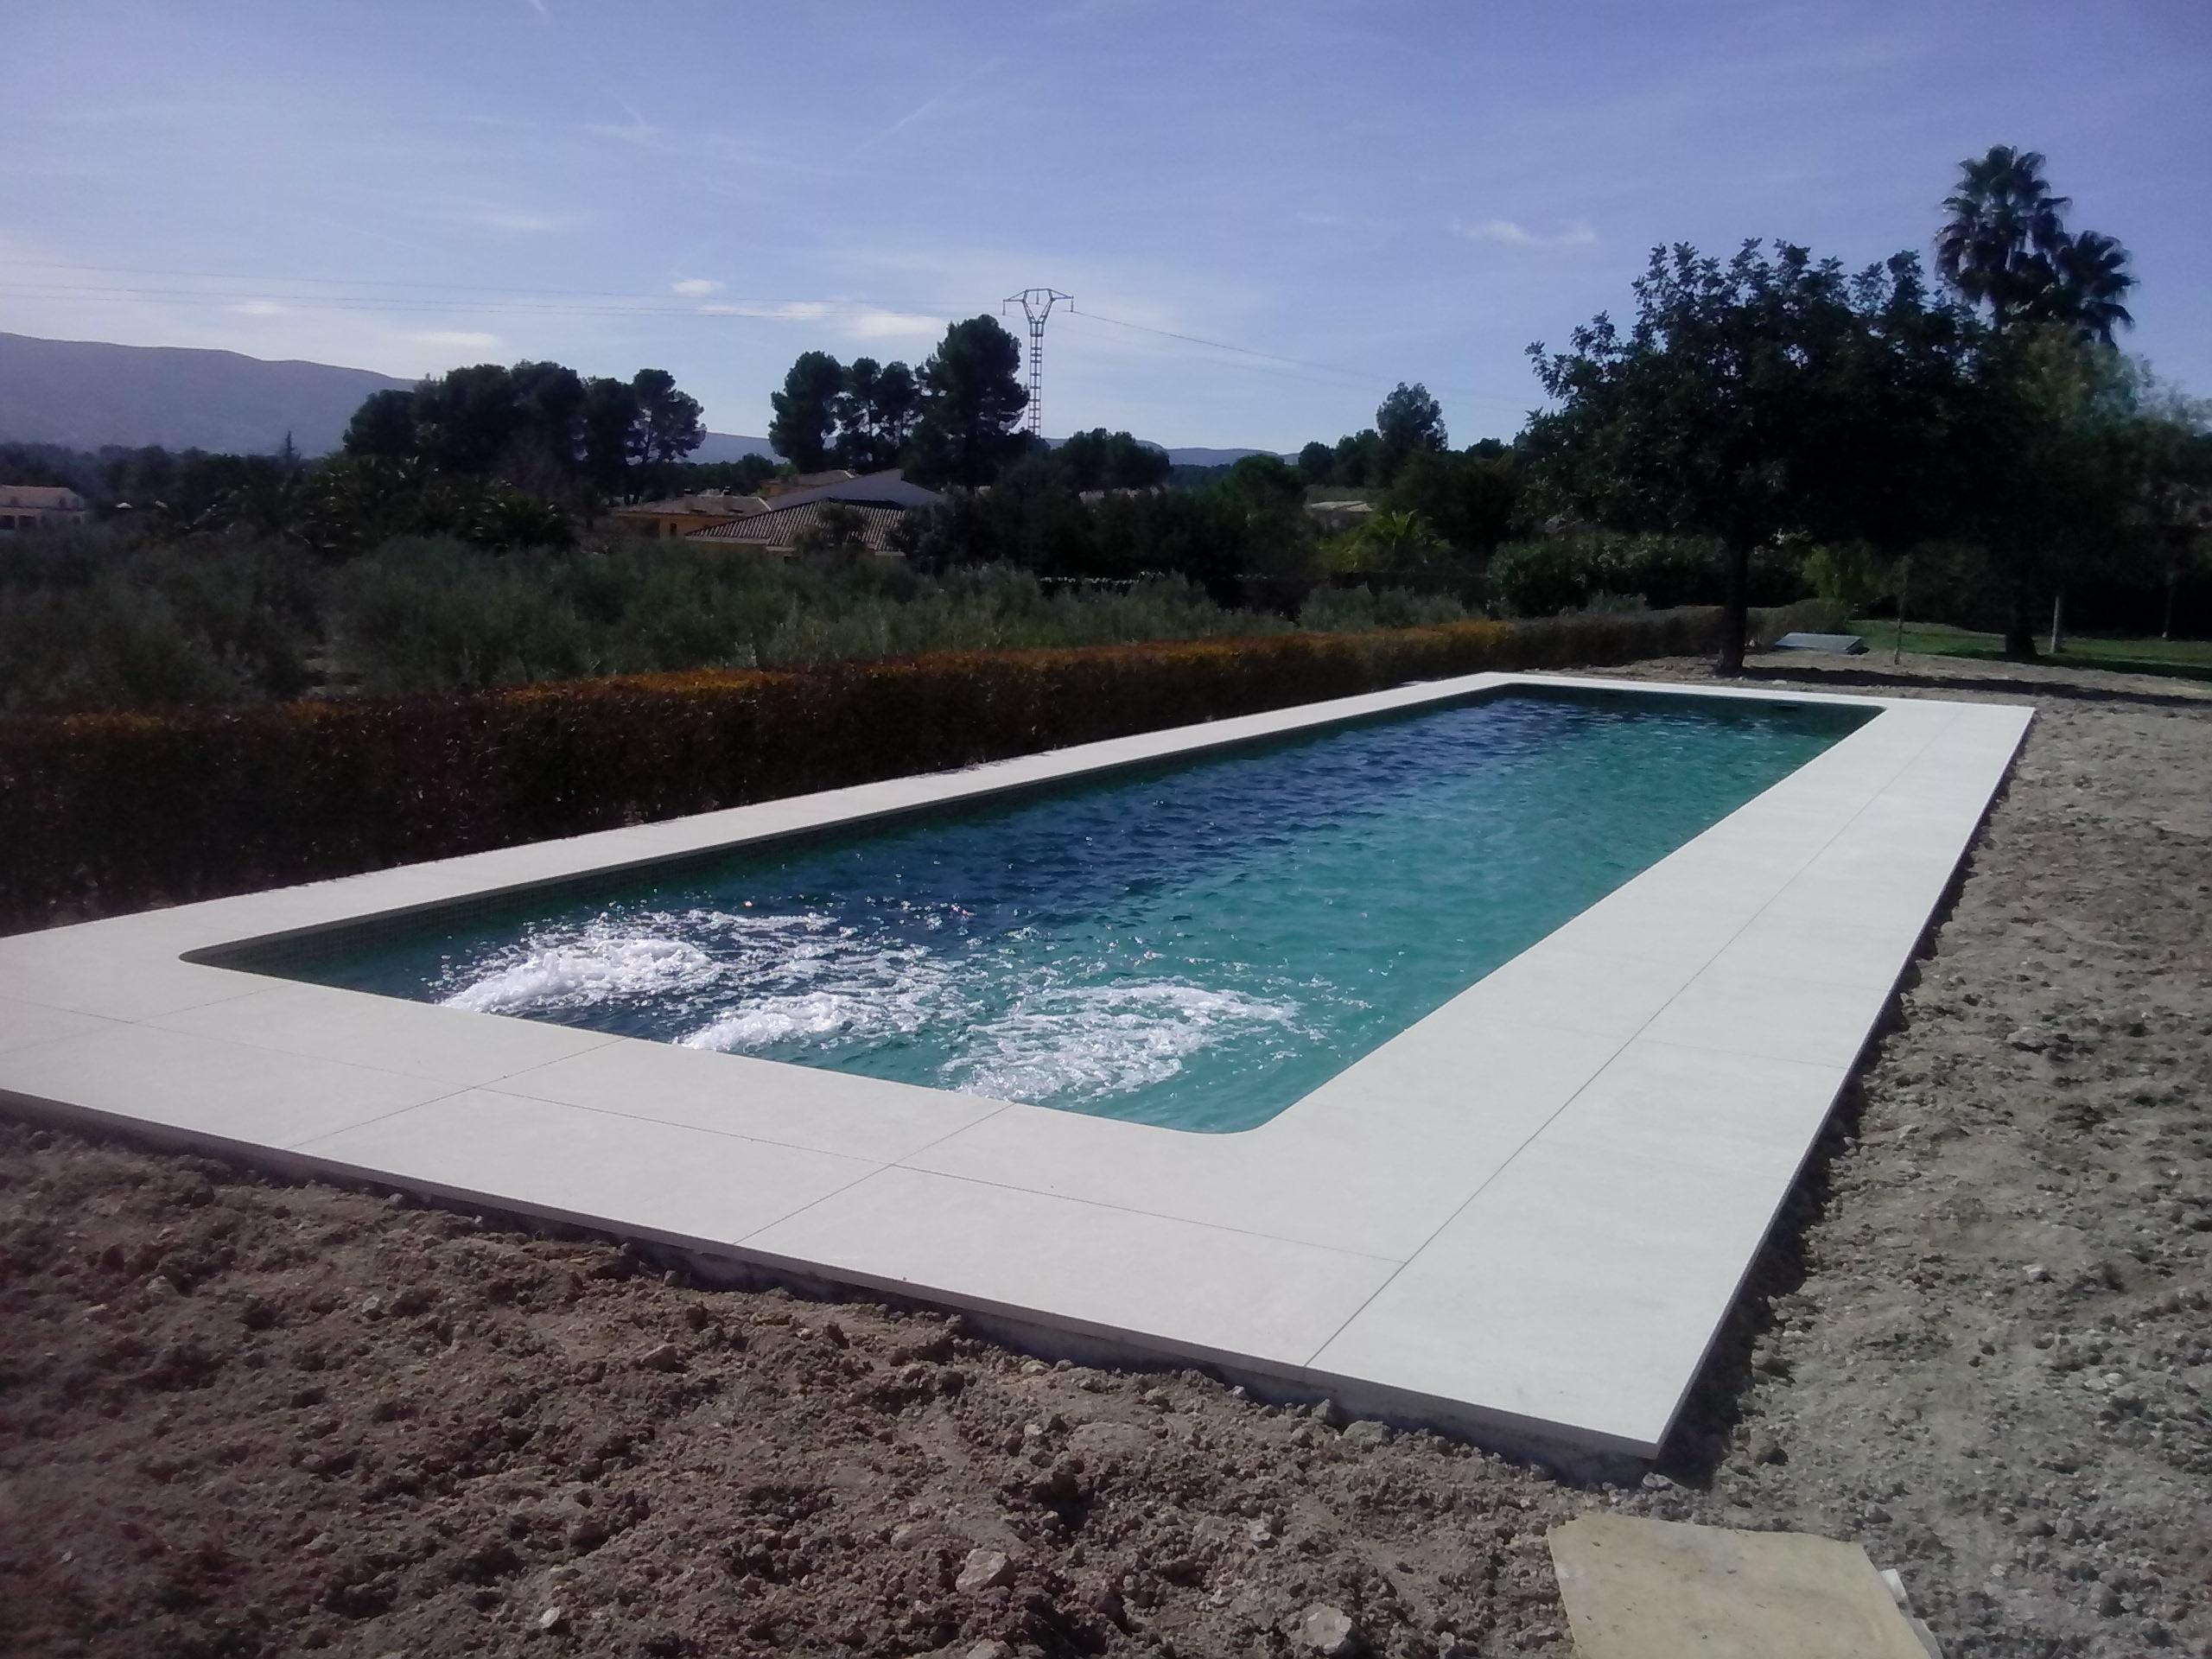 Piscina pou clar en ontinyent ideas construcci n piscinas for Piscina coberta ontinyent